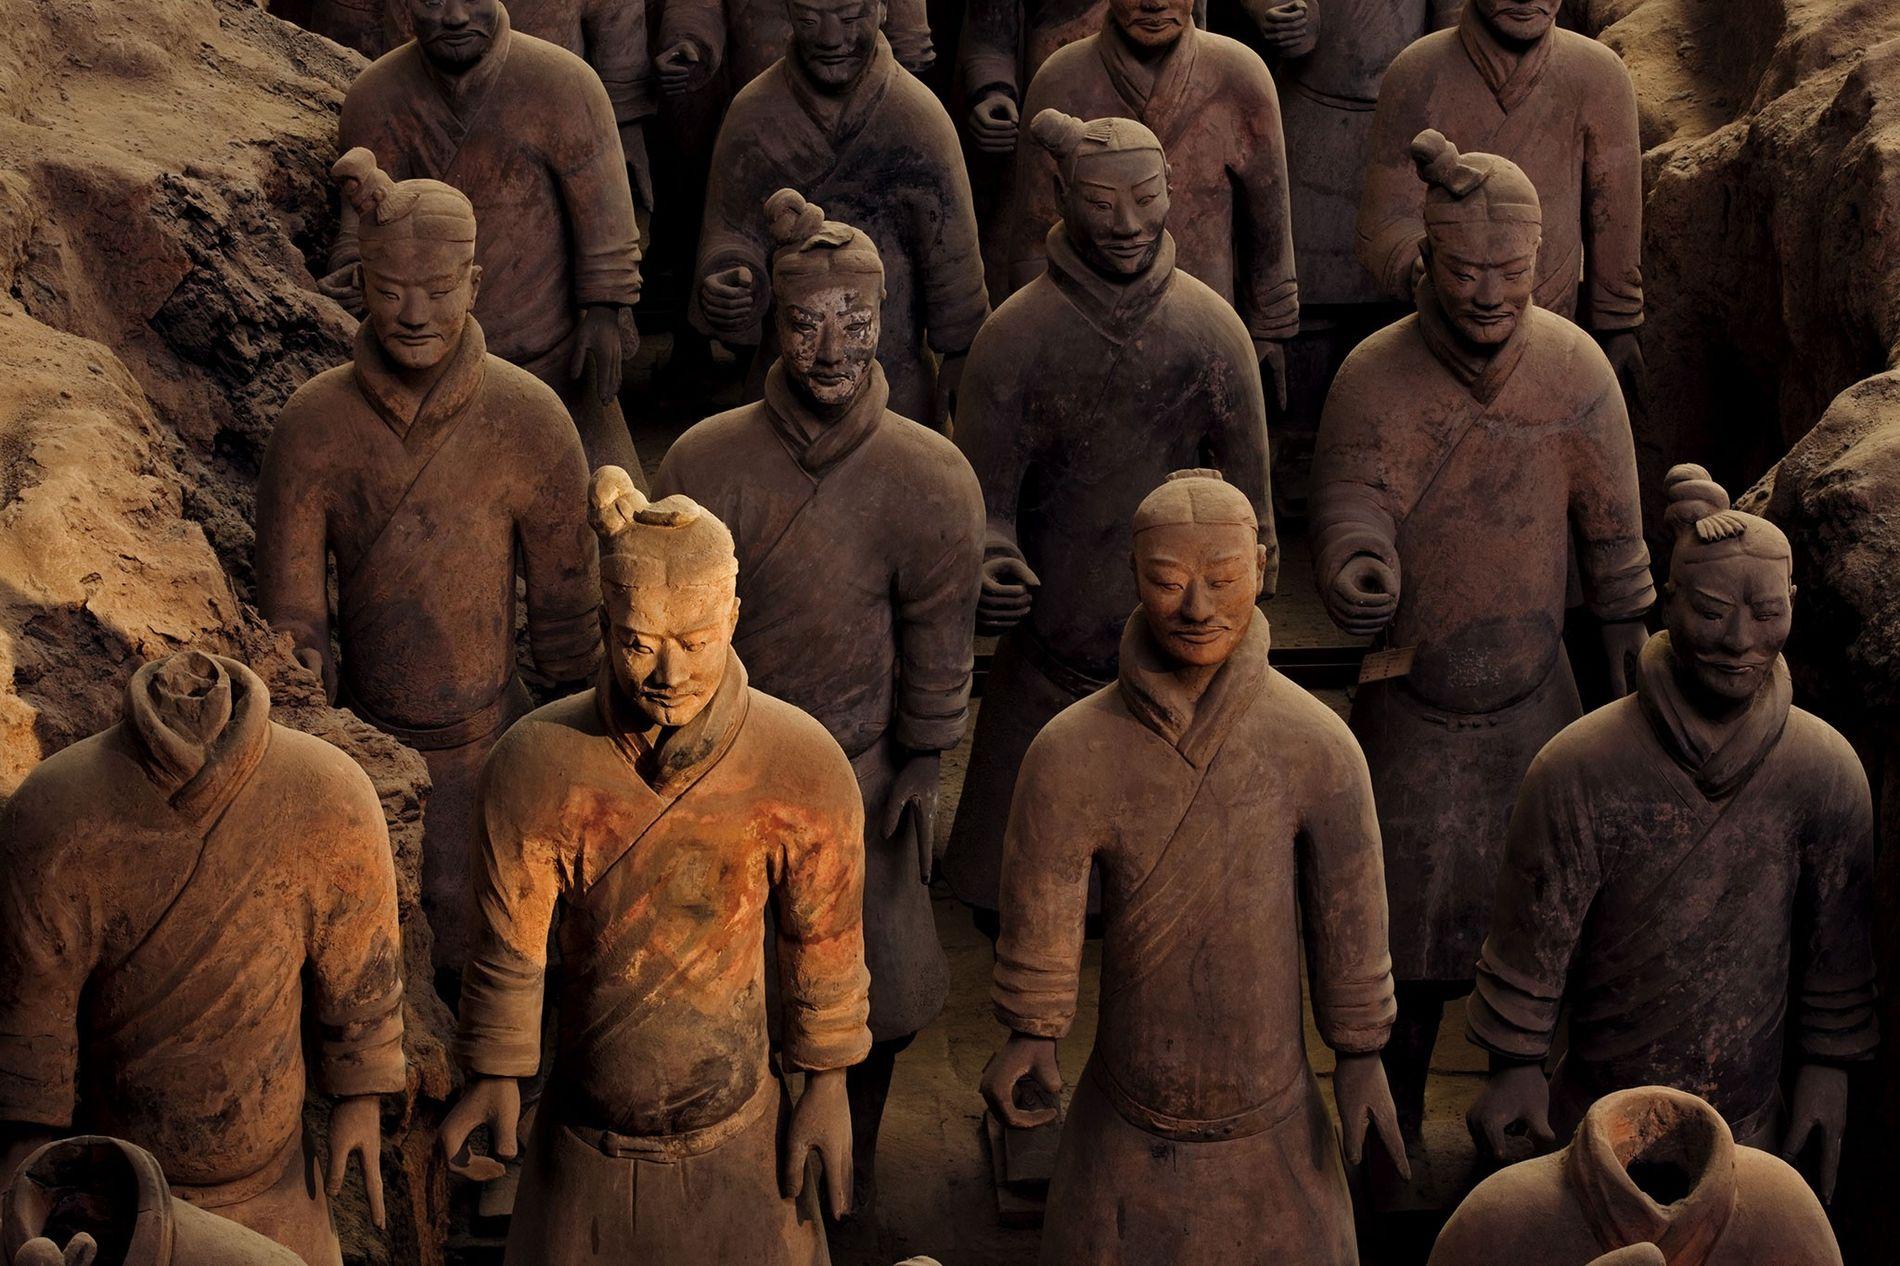 L'armée de terre cuite a été façonnée pour servir le premier empereur de Chine dans l'au-delà.